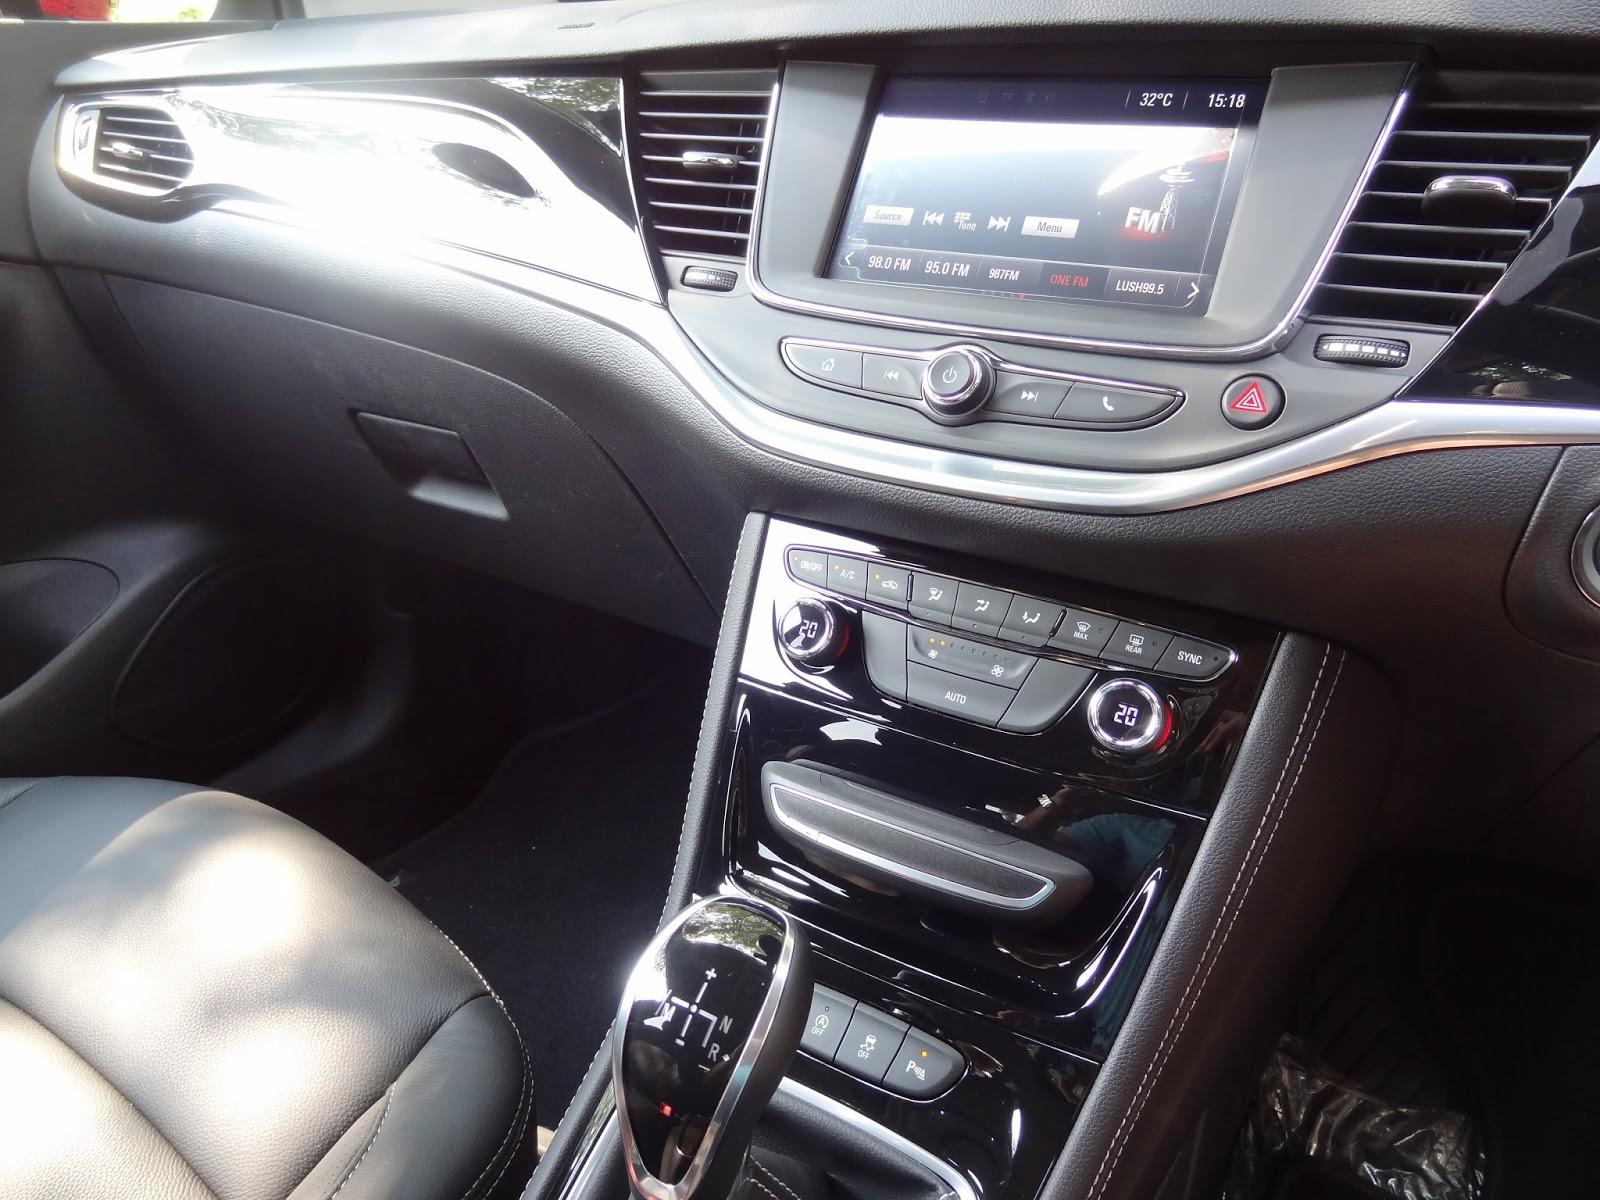 opel astra innovation 5 door hatchback 2016 car review onlywilliam. Black Bedroom Furniture Sets. Home Design Ideas